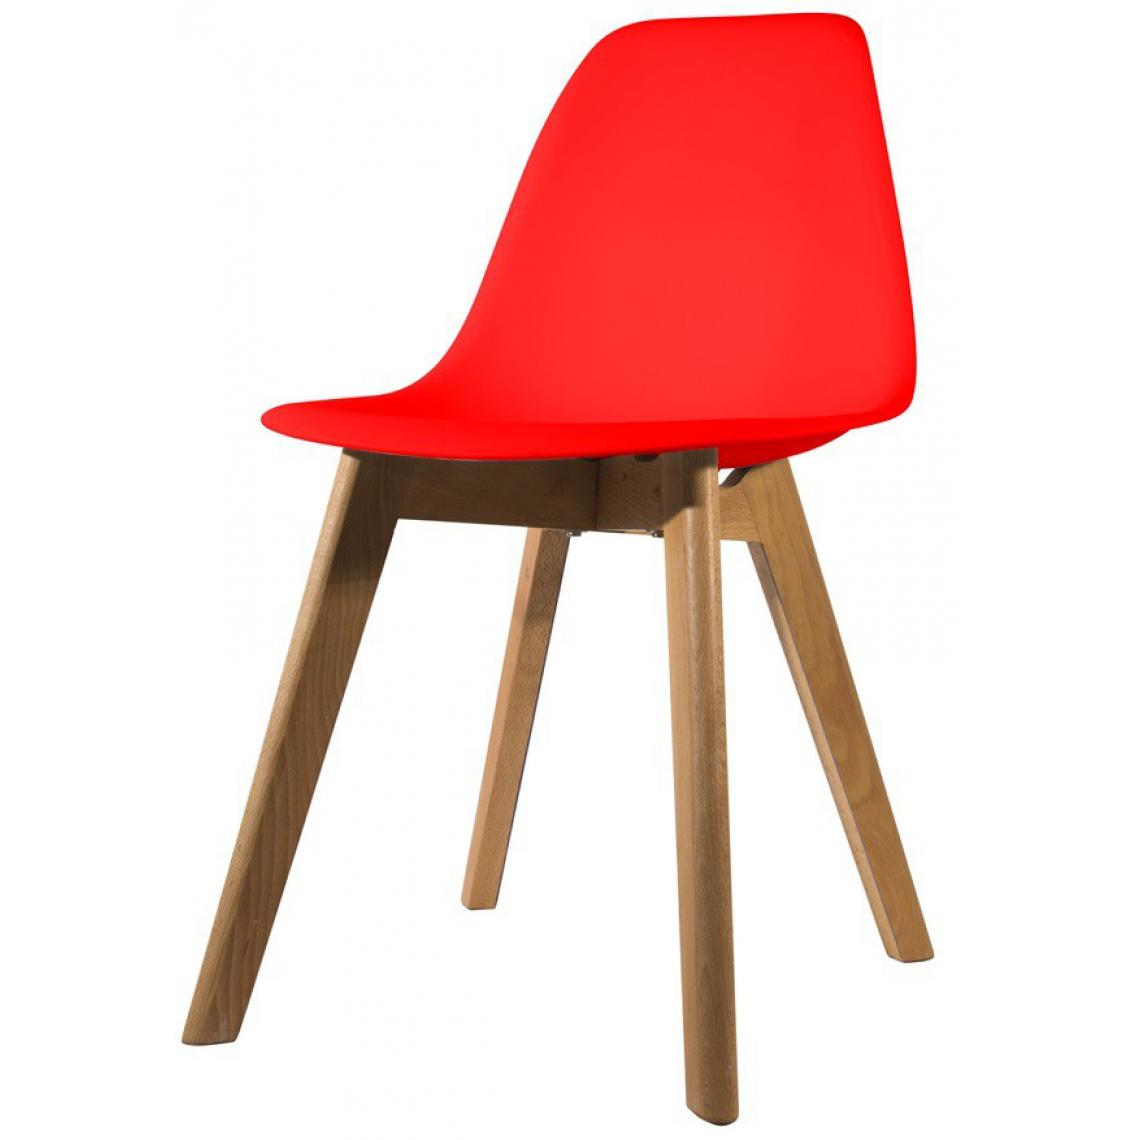 chaise scandinave coque rouge orkney plus de details